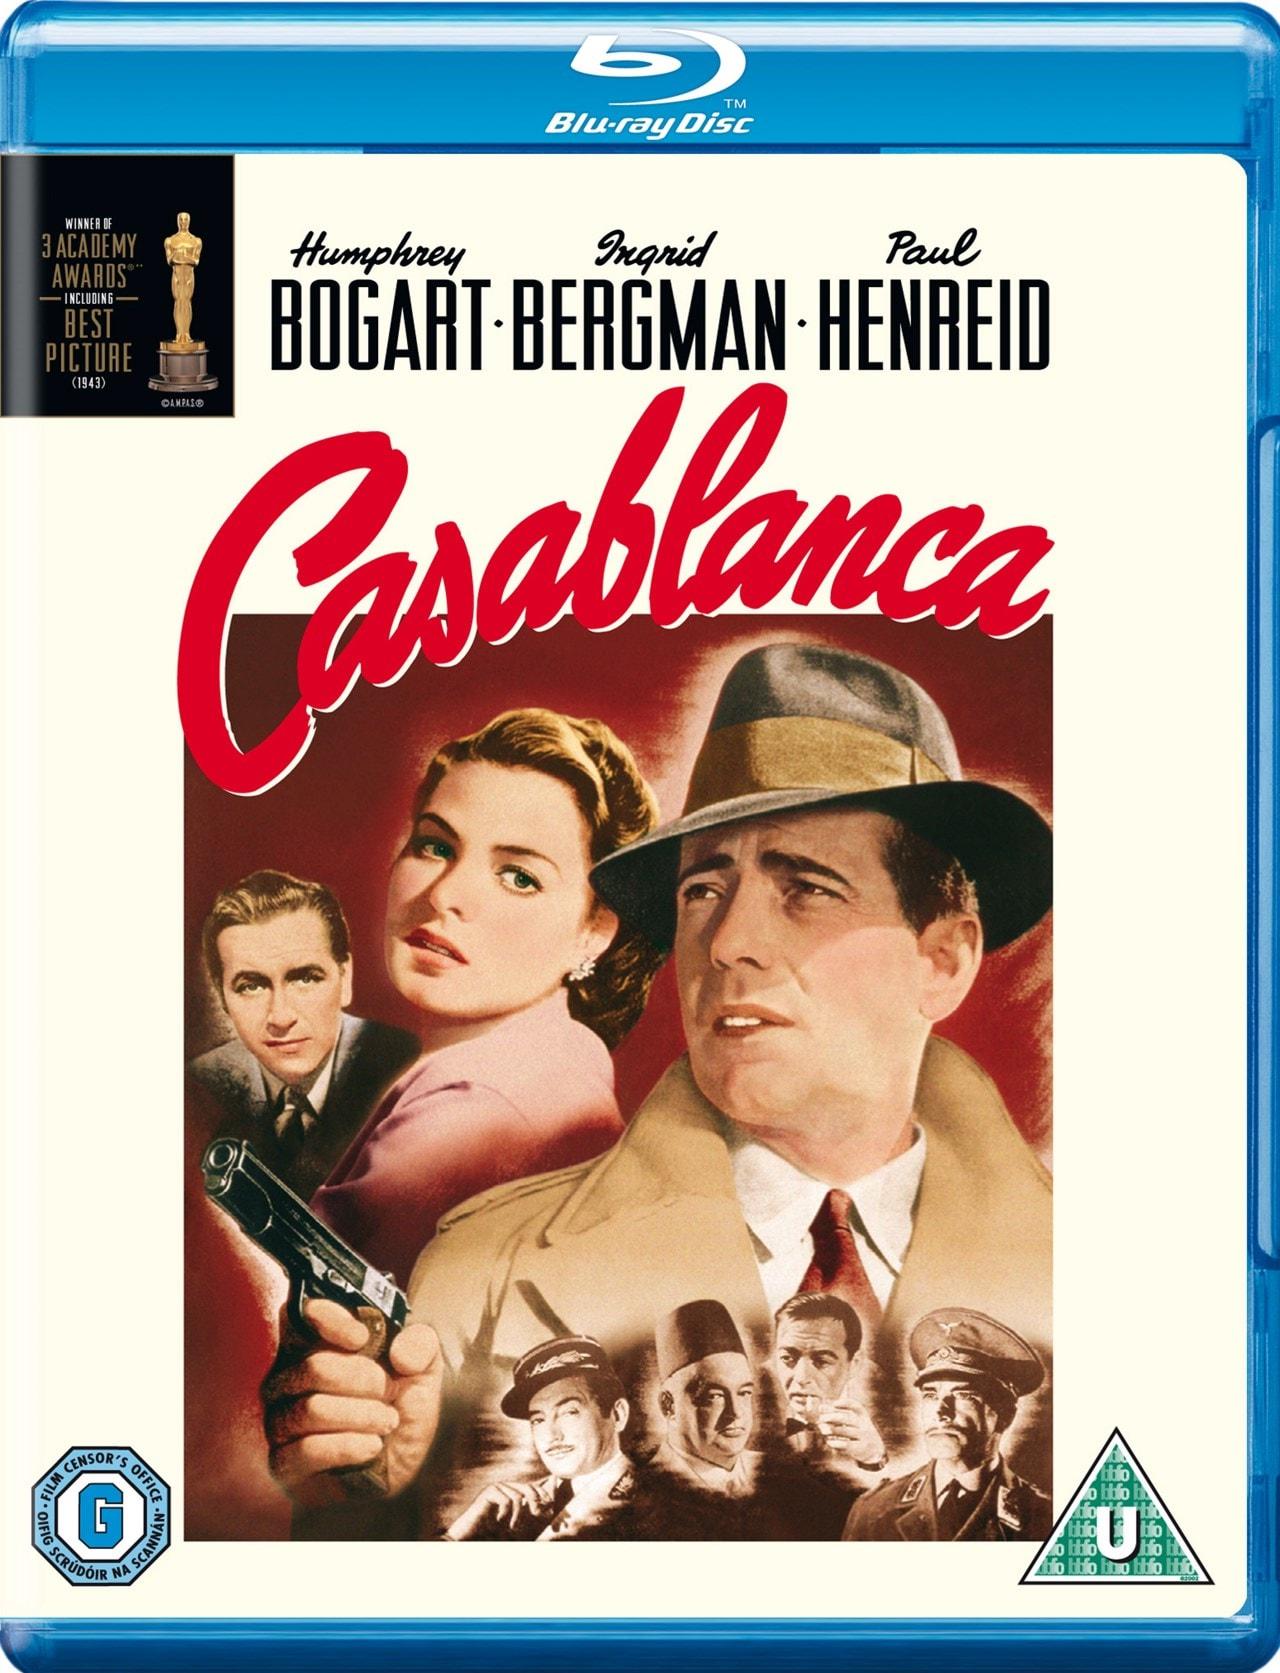 Casablanca - 1